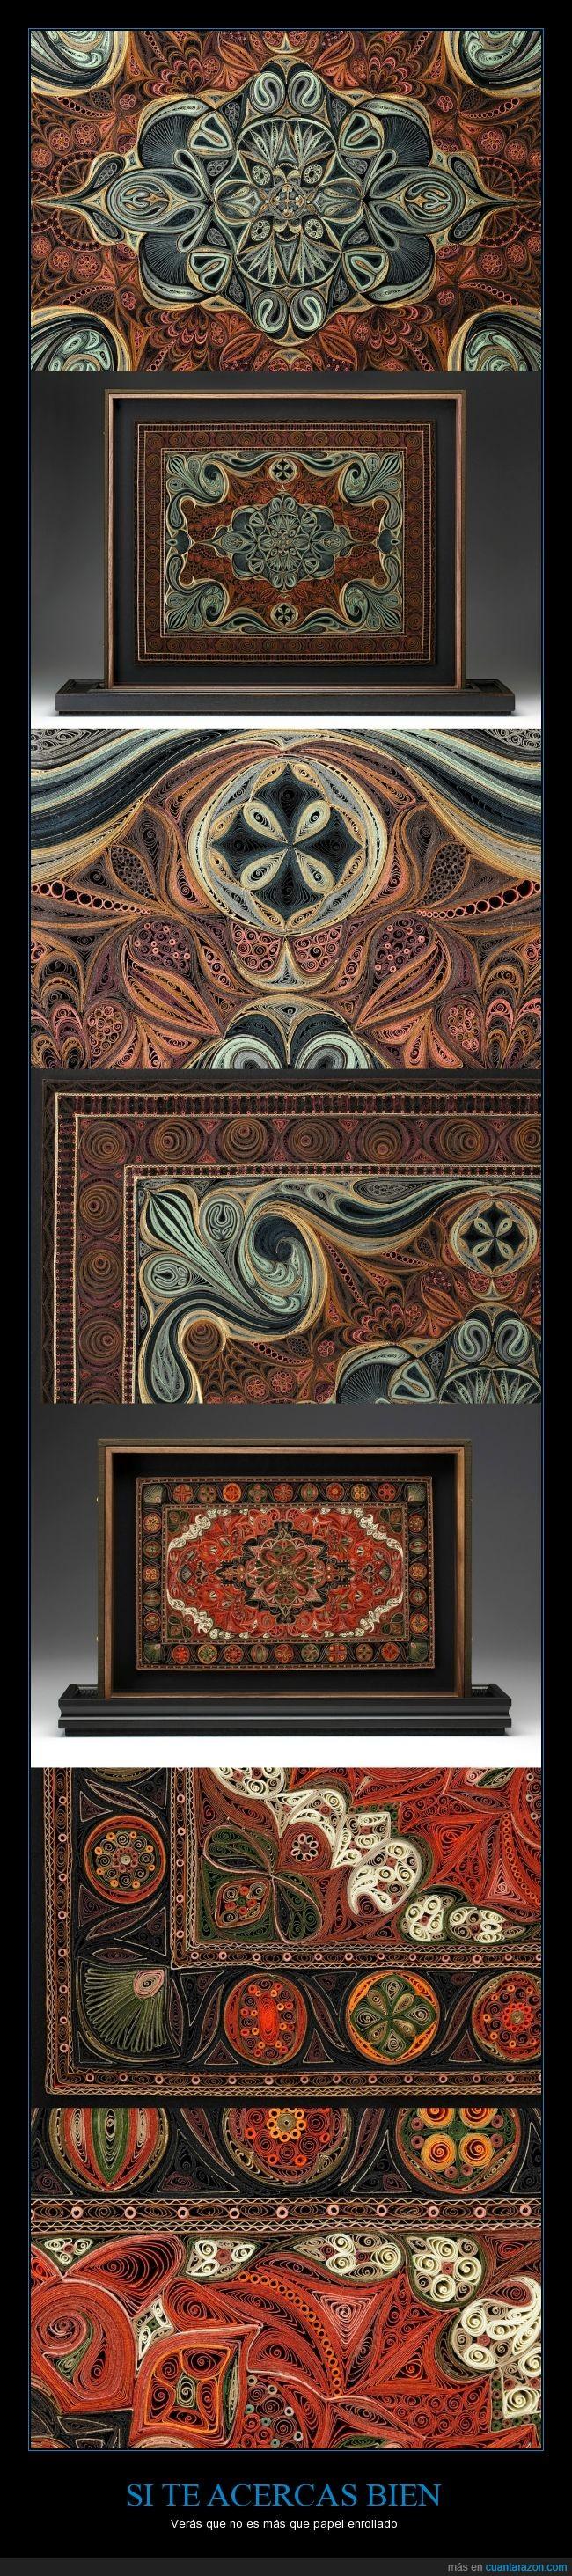 arte,crear,doblar,enrollado,enrollar,estampado,Lisa Nilsson,Nelsson,rulo,tapiz